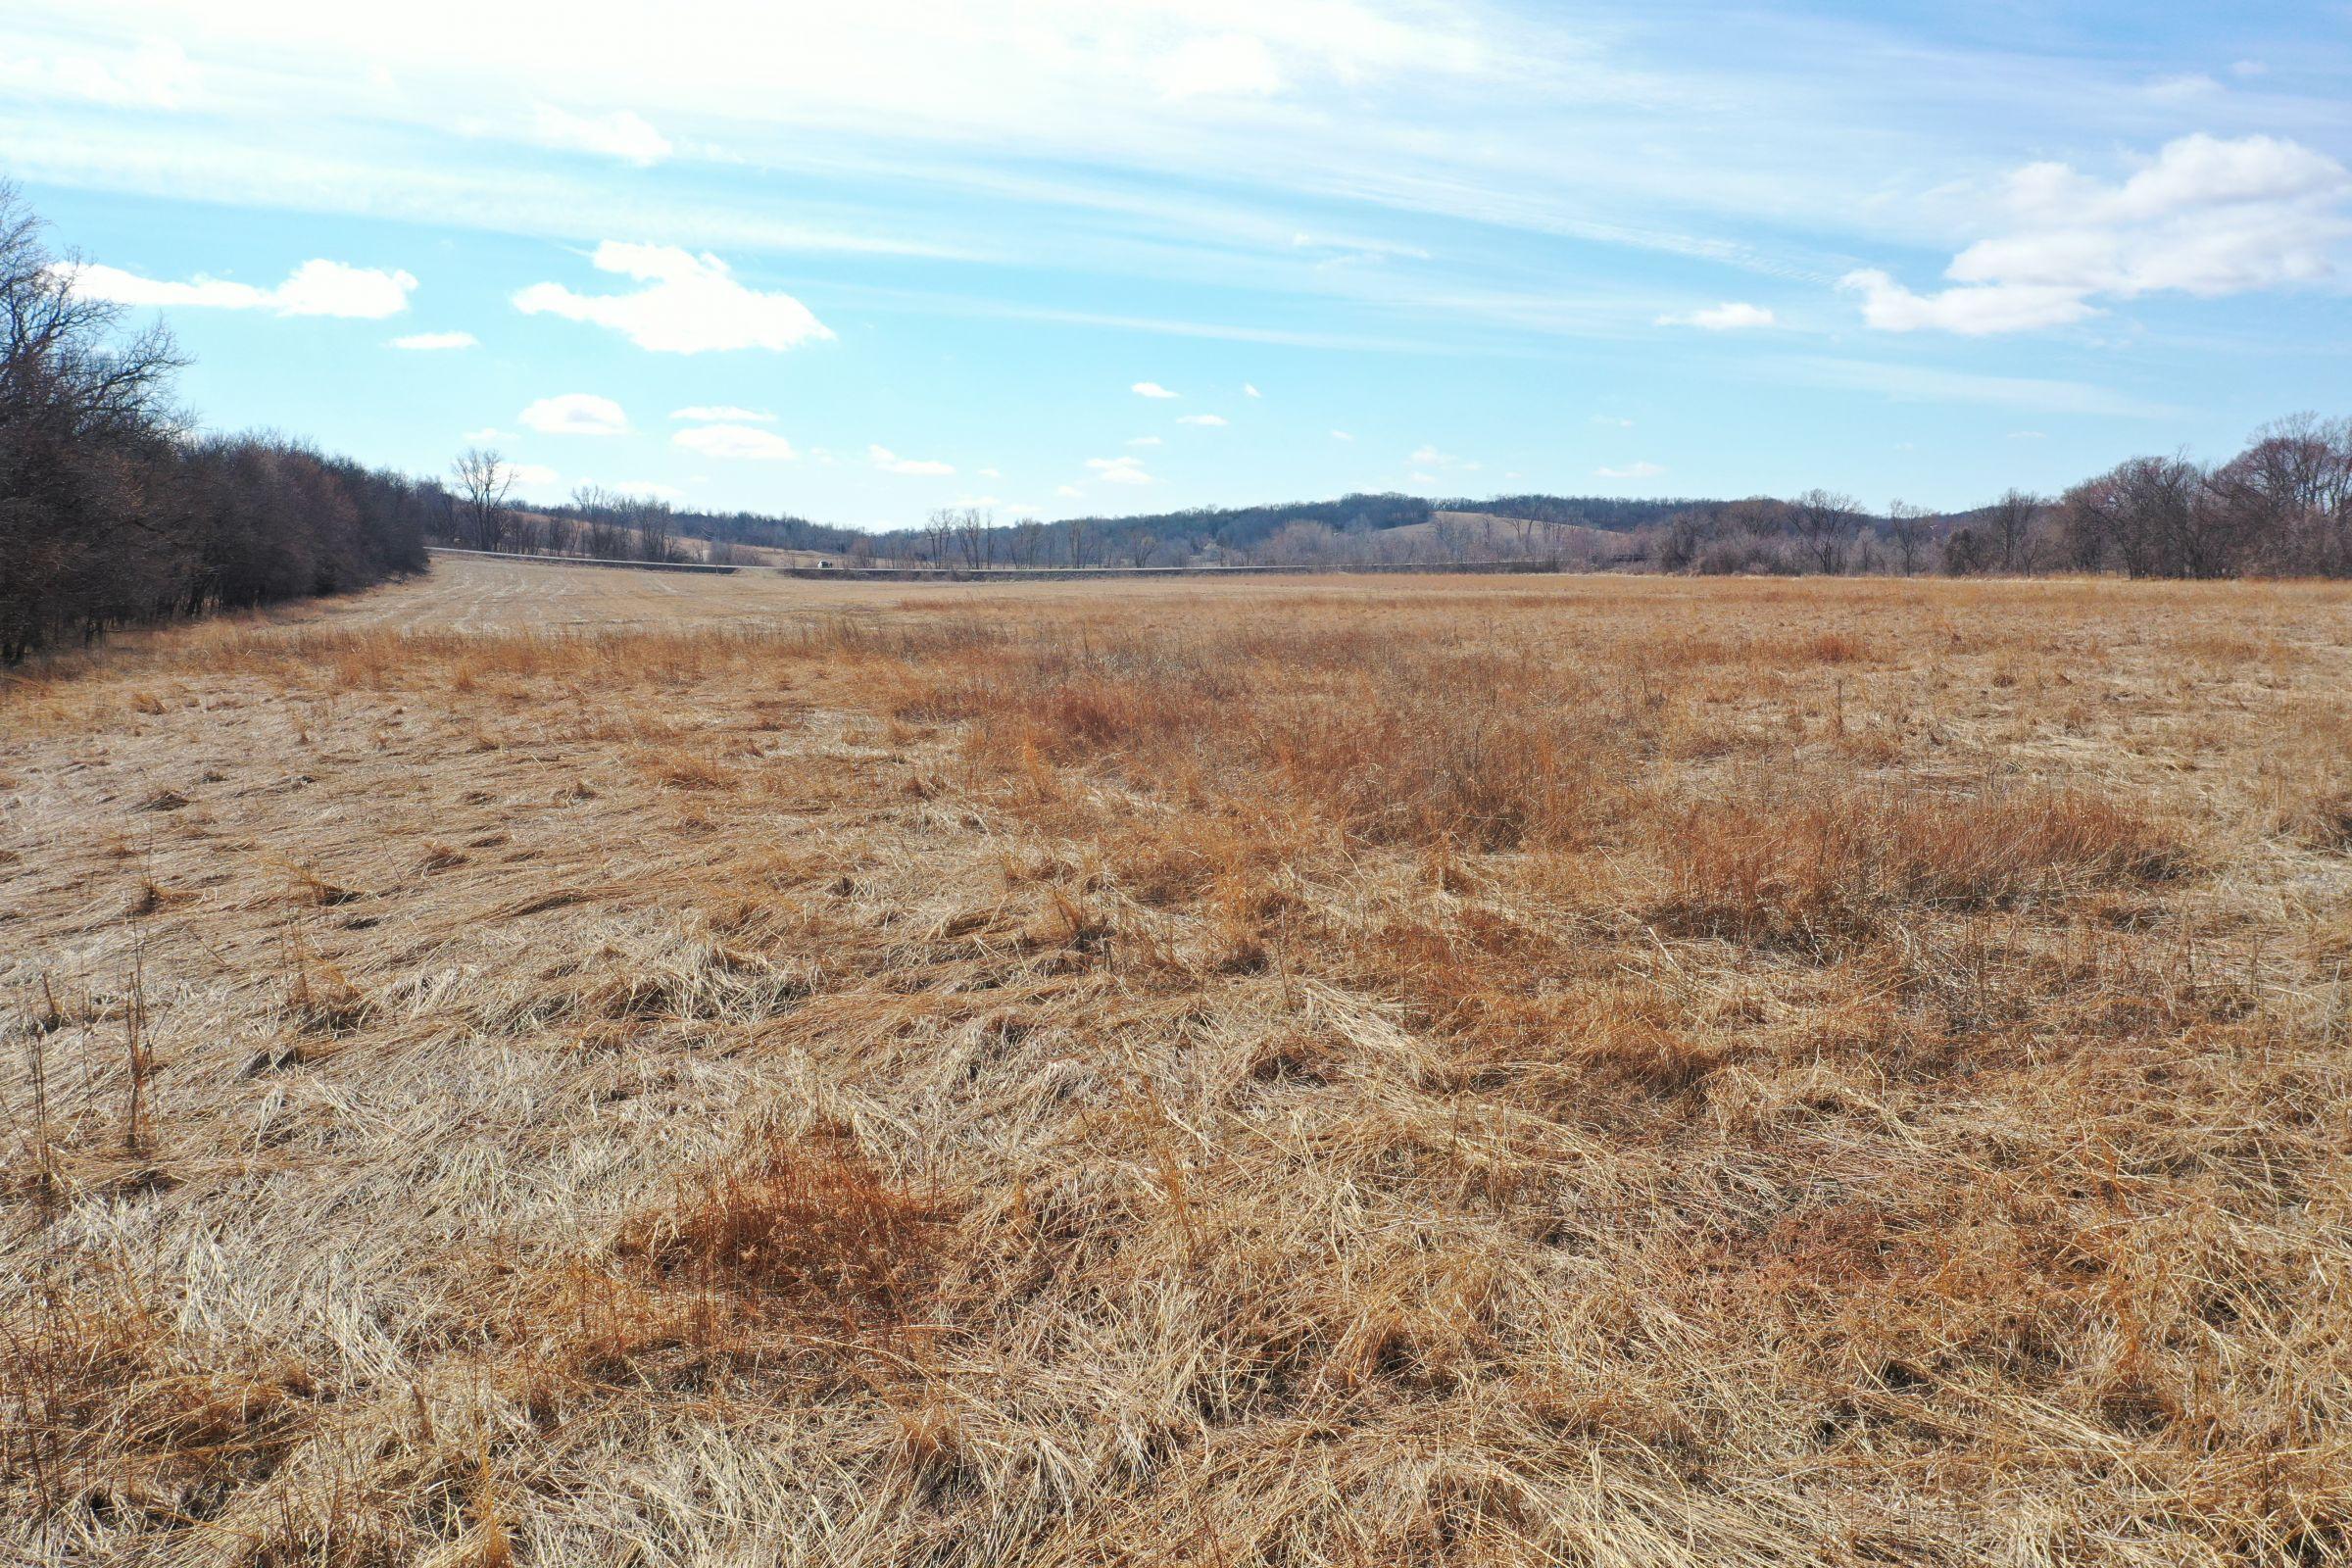 warren-county-iowa-0-acres-listing-number-15407-4-2021-03-11-230532.JPG